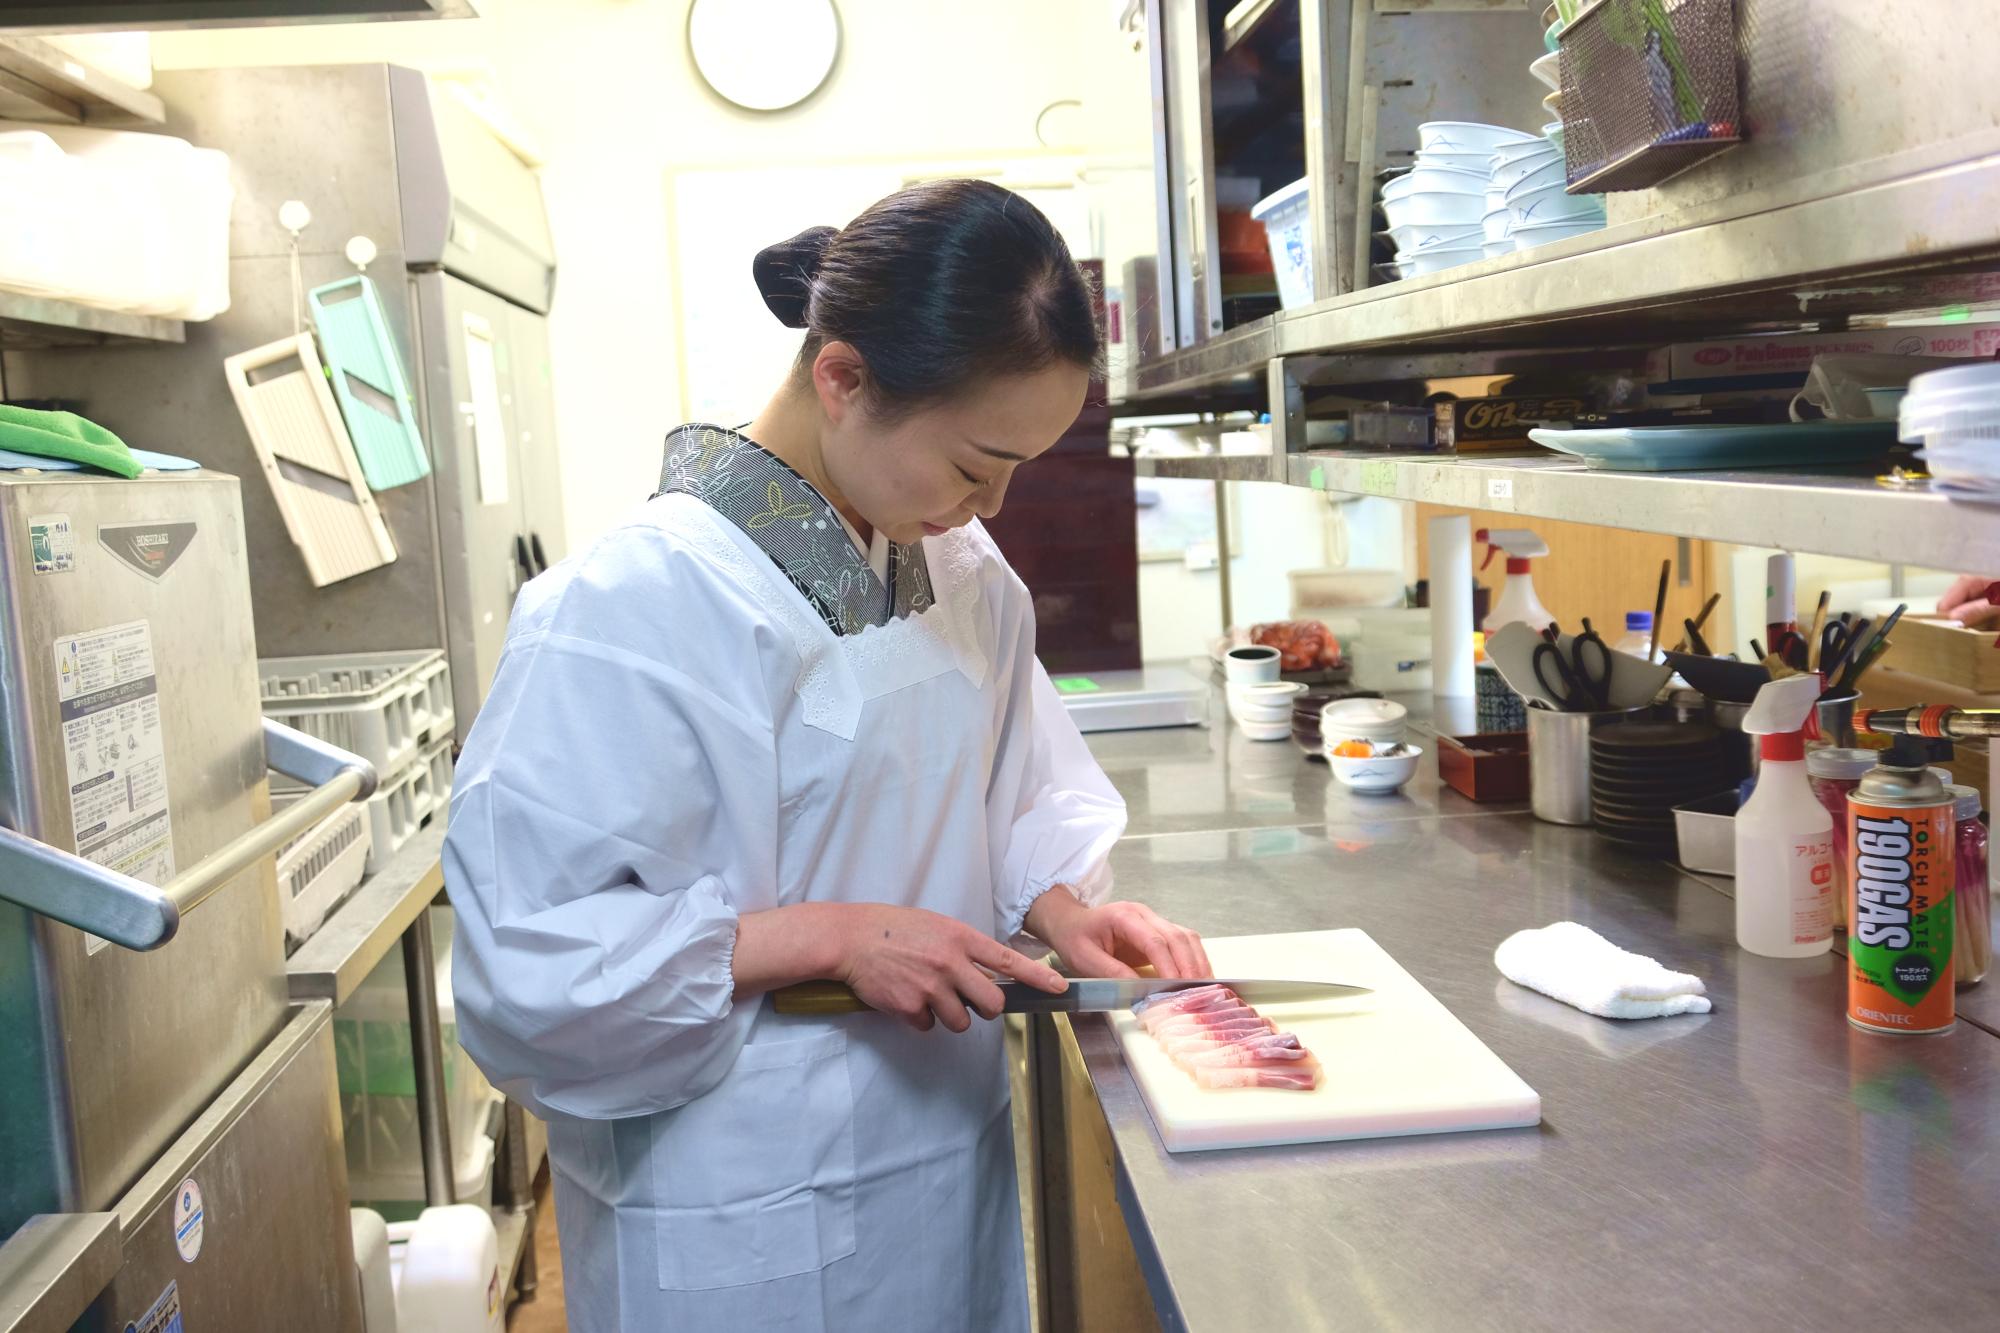 mihaku,飲食店,働き方改革,料理人,社長ブログ